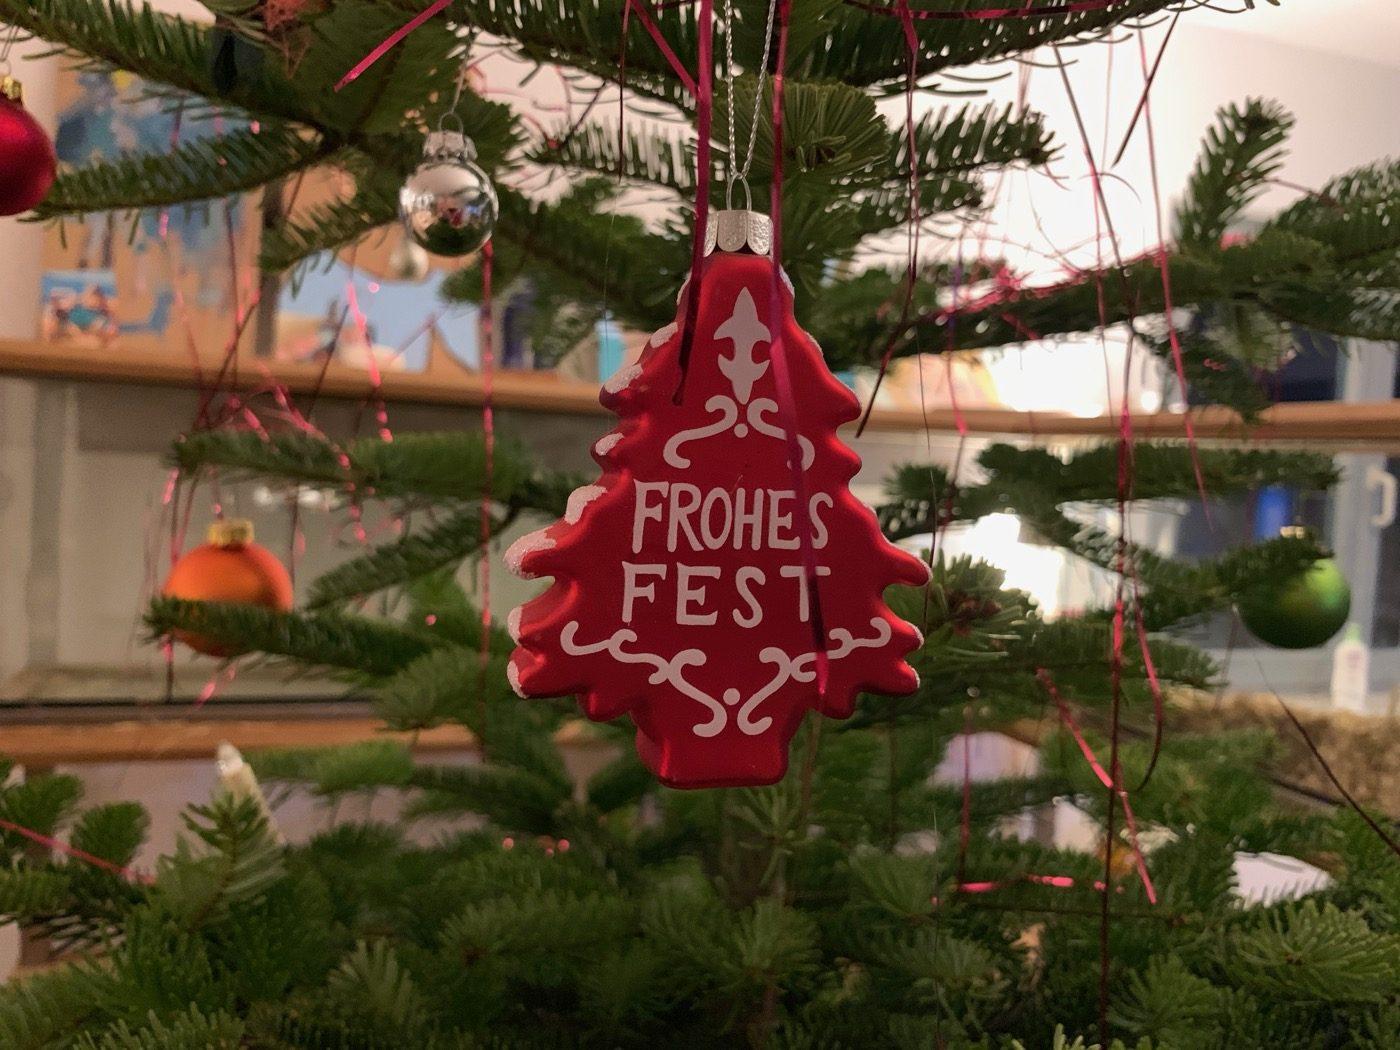 Frohe Weihnachten Bewegte Bilder.Einfach Frohe Weihnachten Drei Erdenbewohner